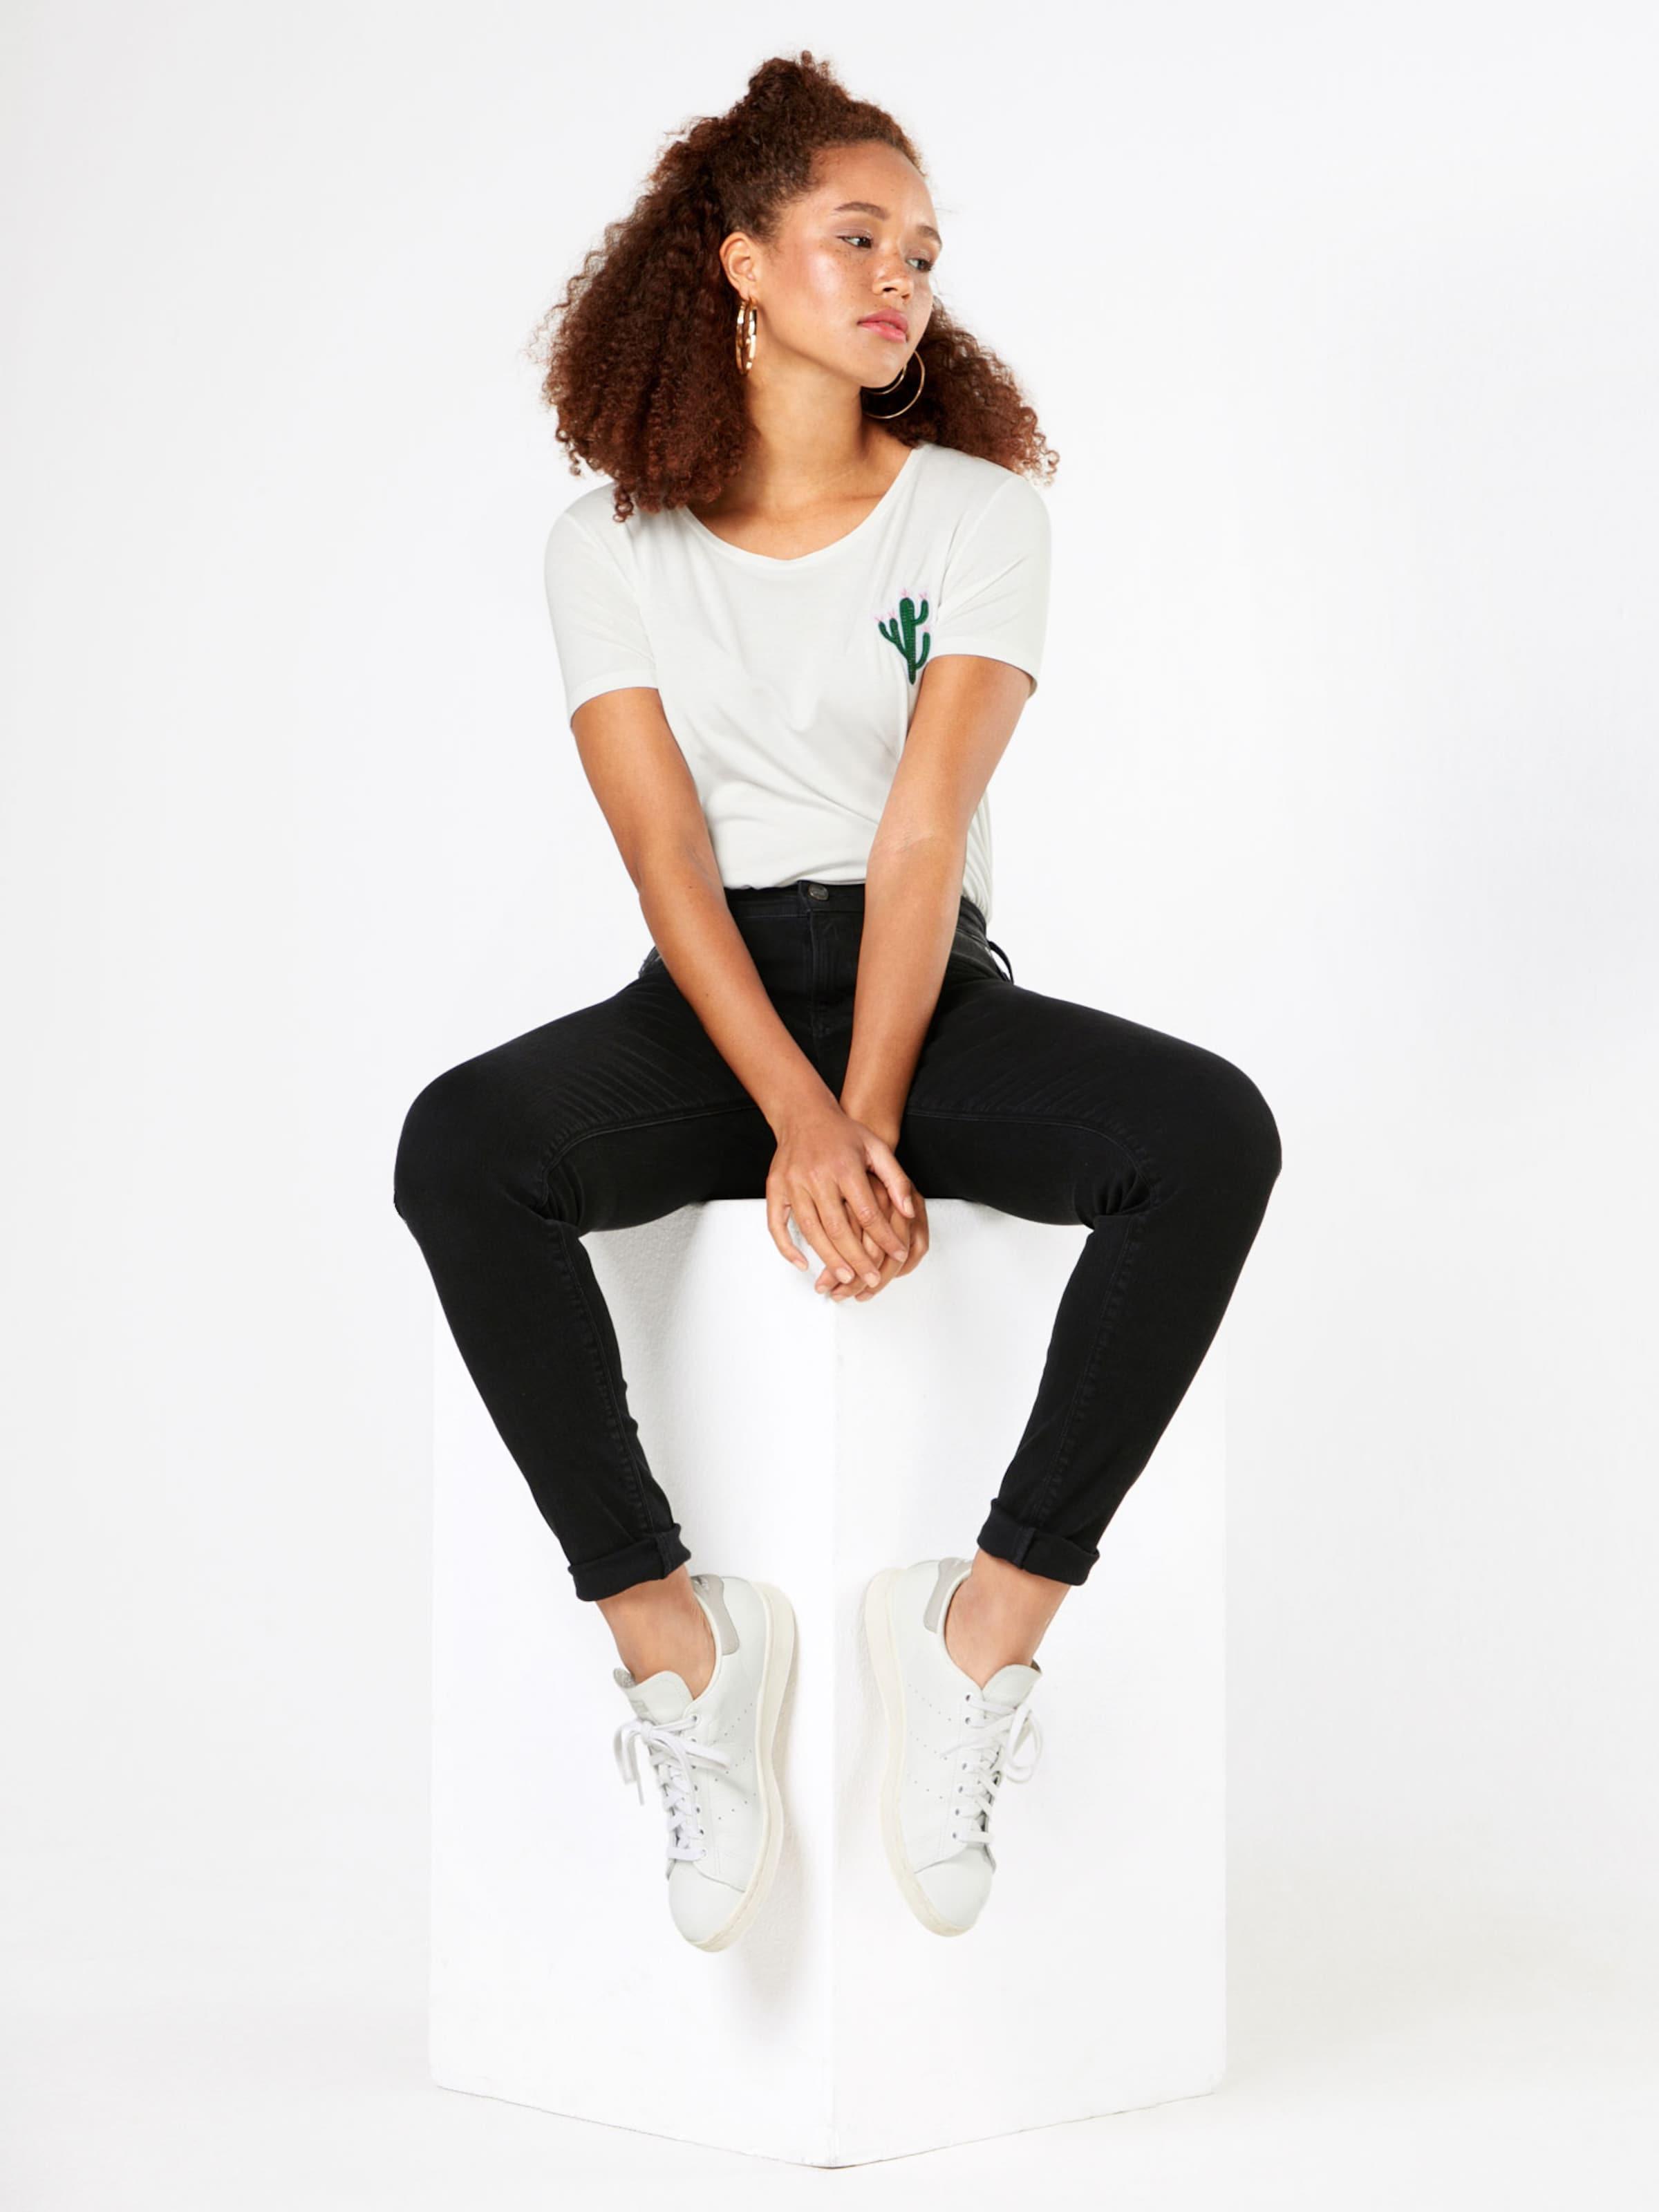 REPLAY Slimfit-Jeans 'JOI' Günstig Kaufen Outlet-Store Rabatt Footlocker Bilder Günstige Angebote Discounter gcOZ0N3eD